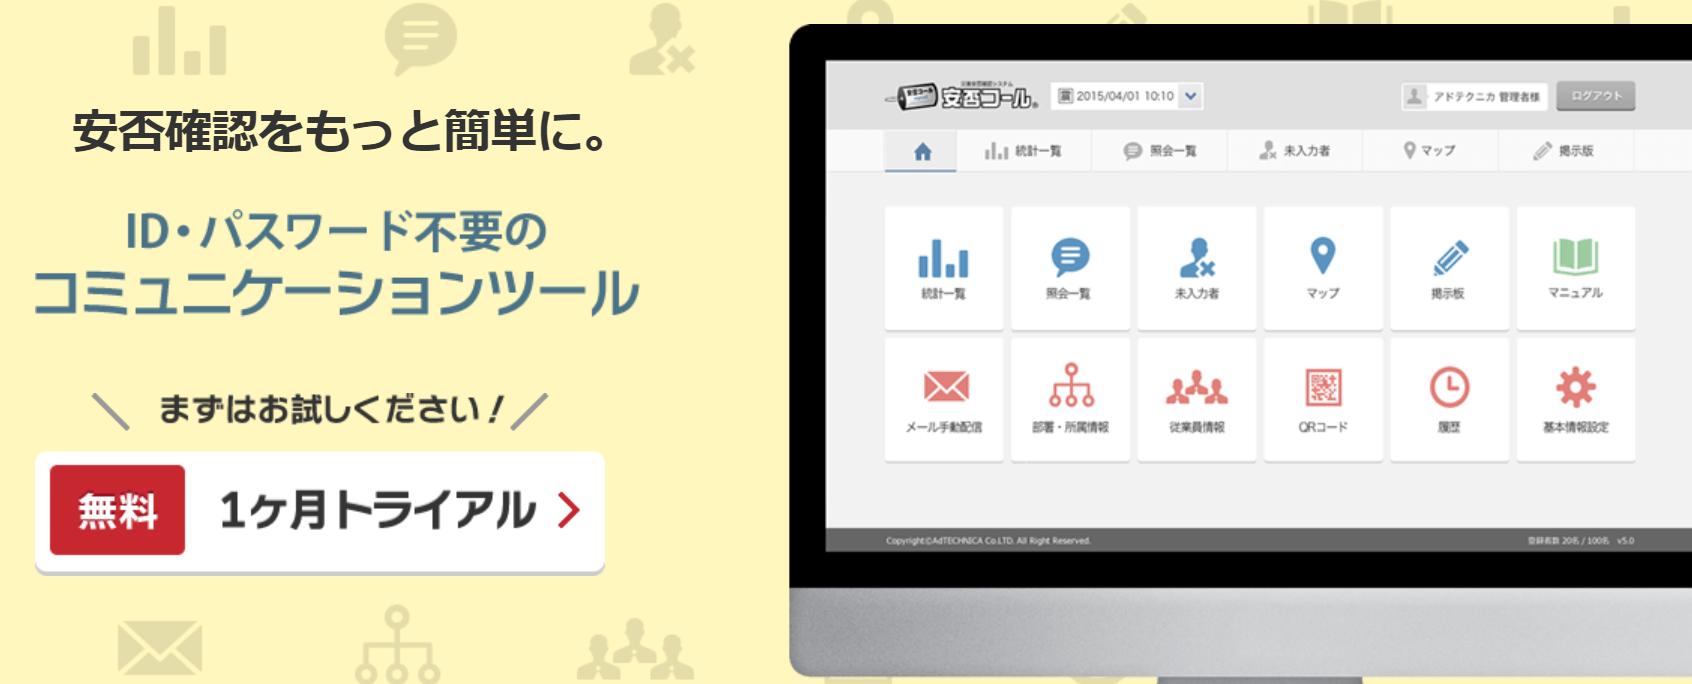 安否コール_公式Webサイト